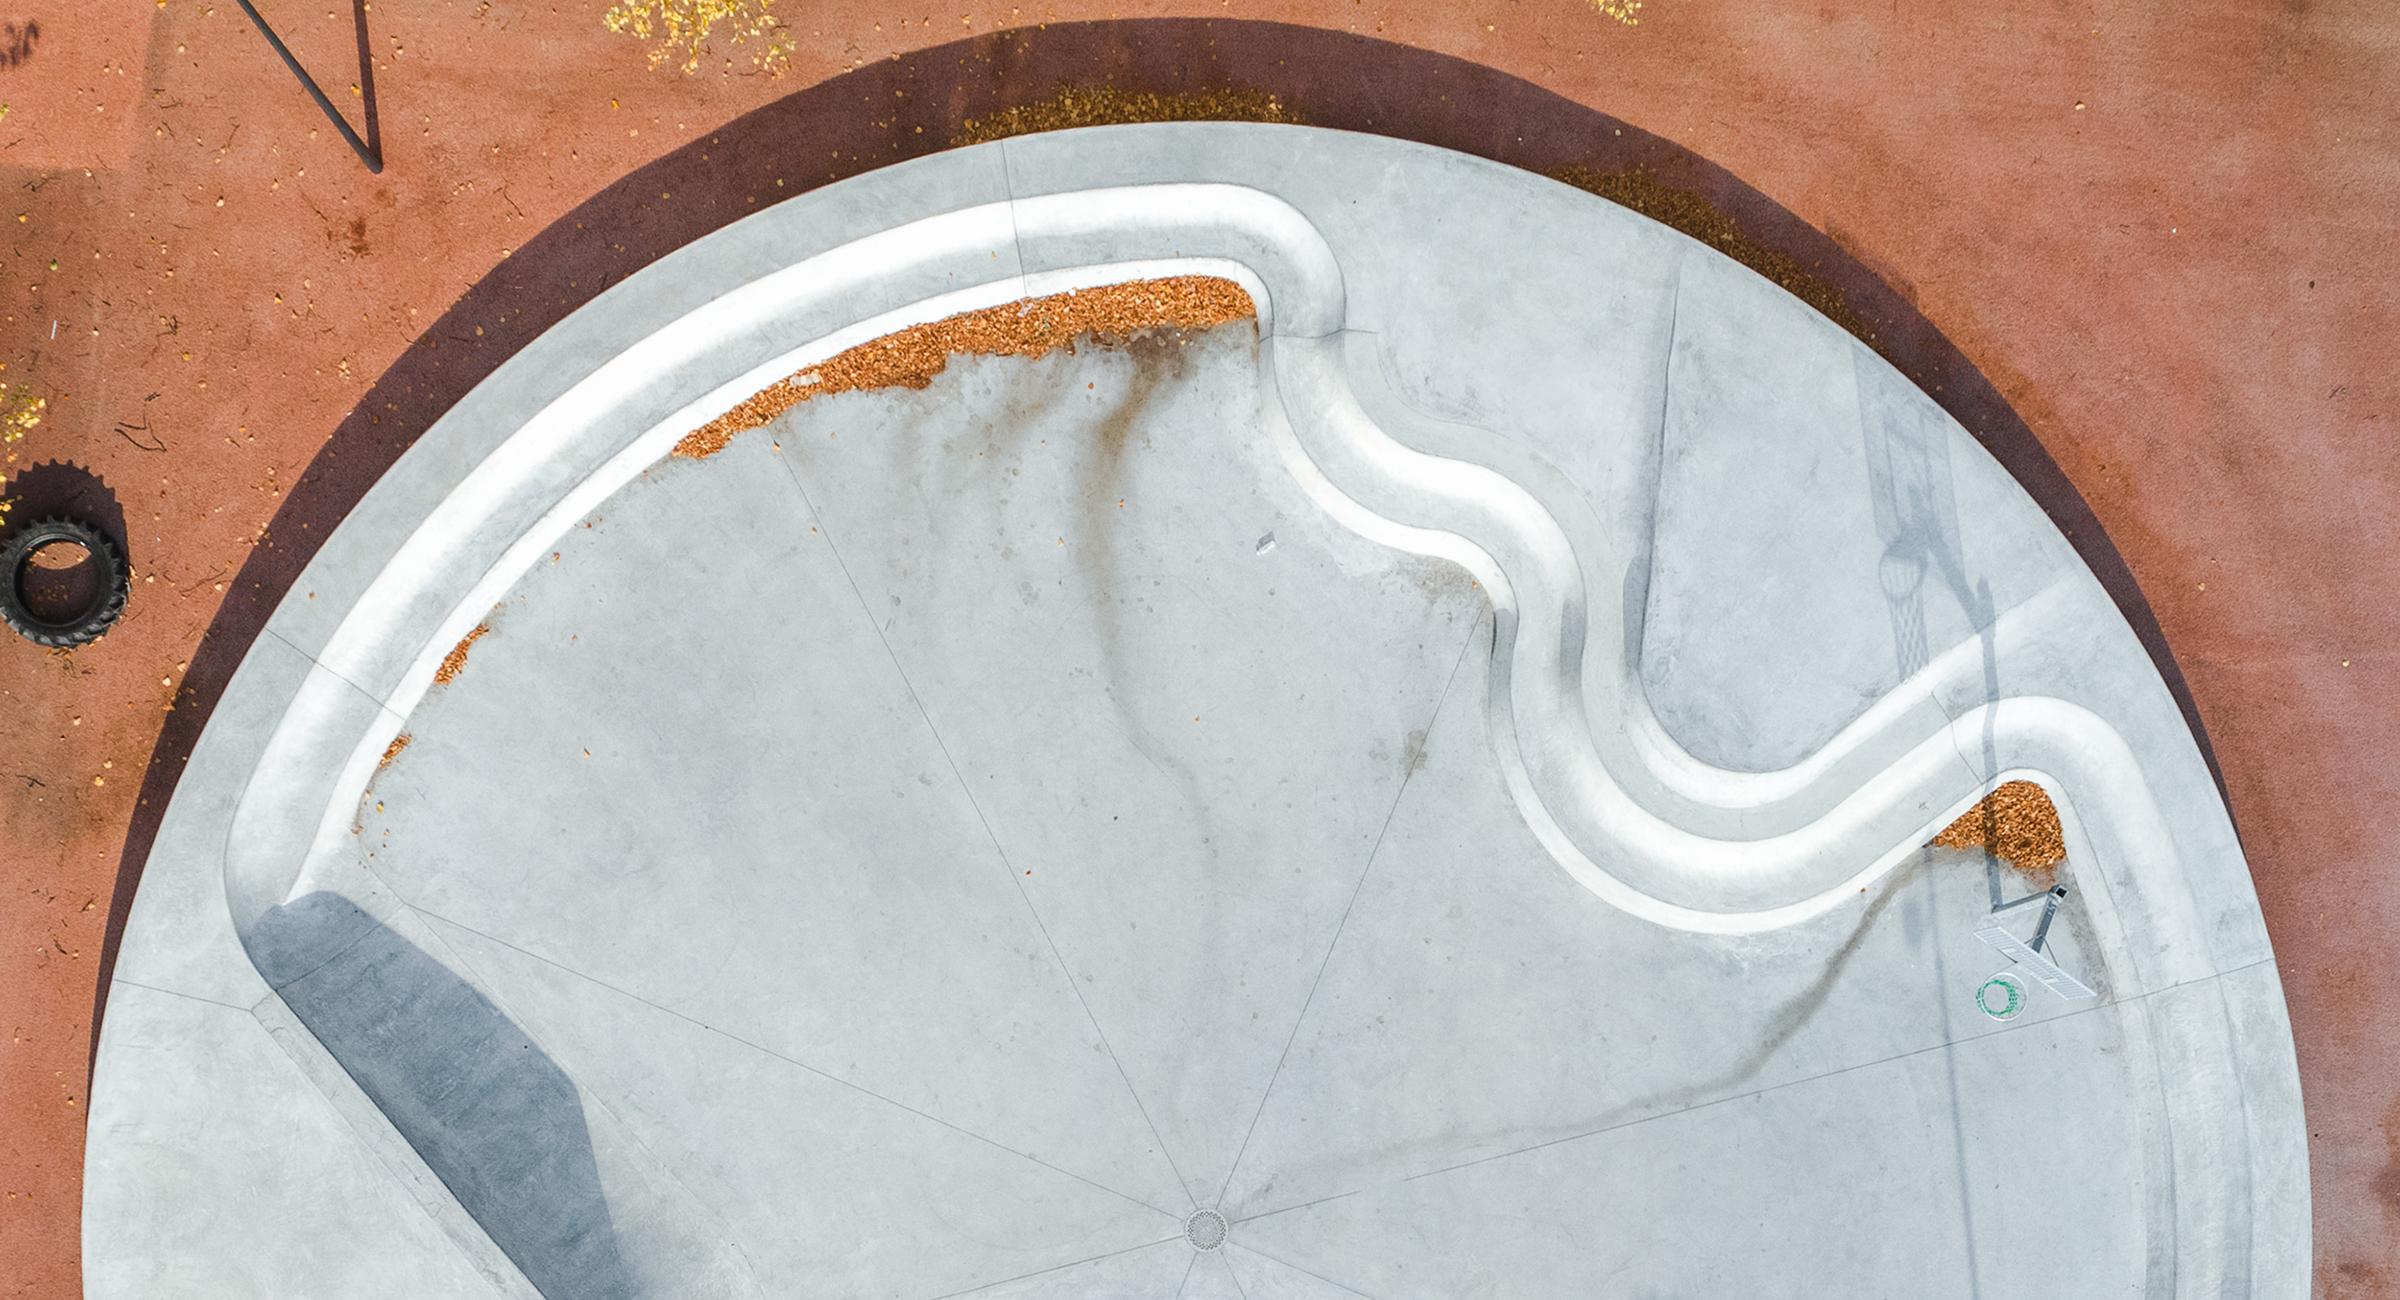 Billedet viser en stor cirkel i beton med kombinerede trapper og siddepladser